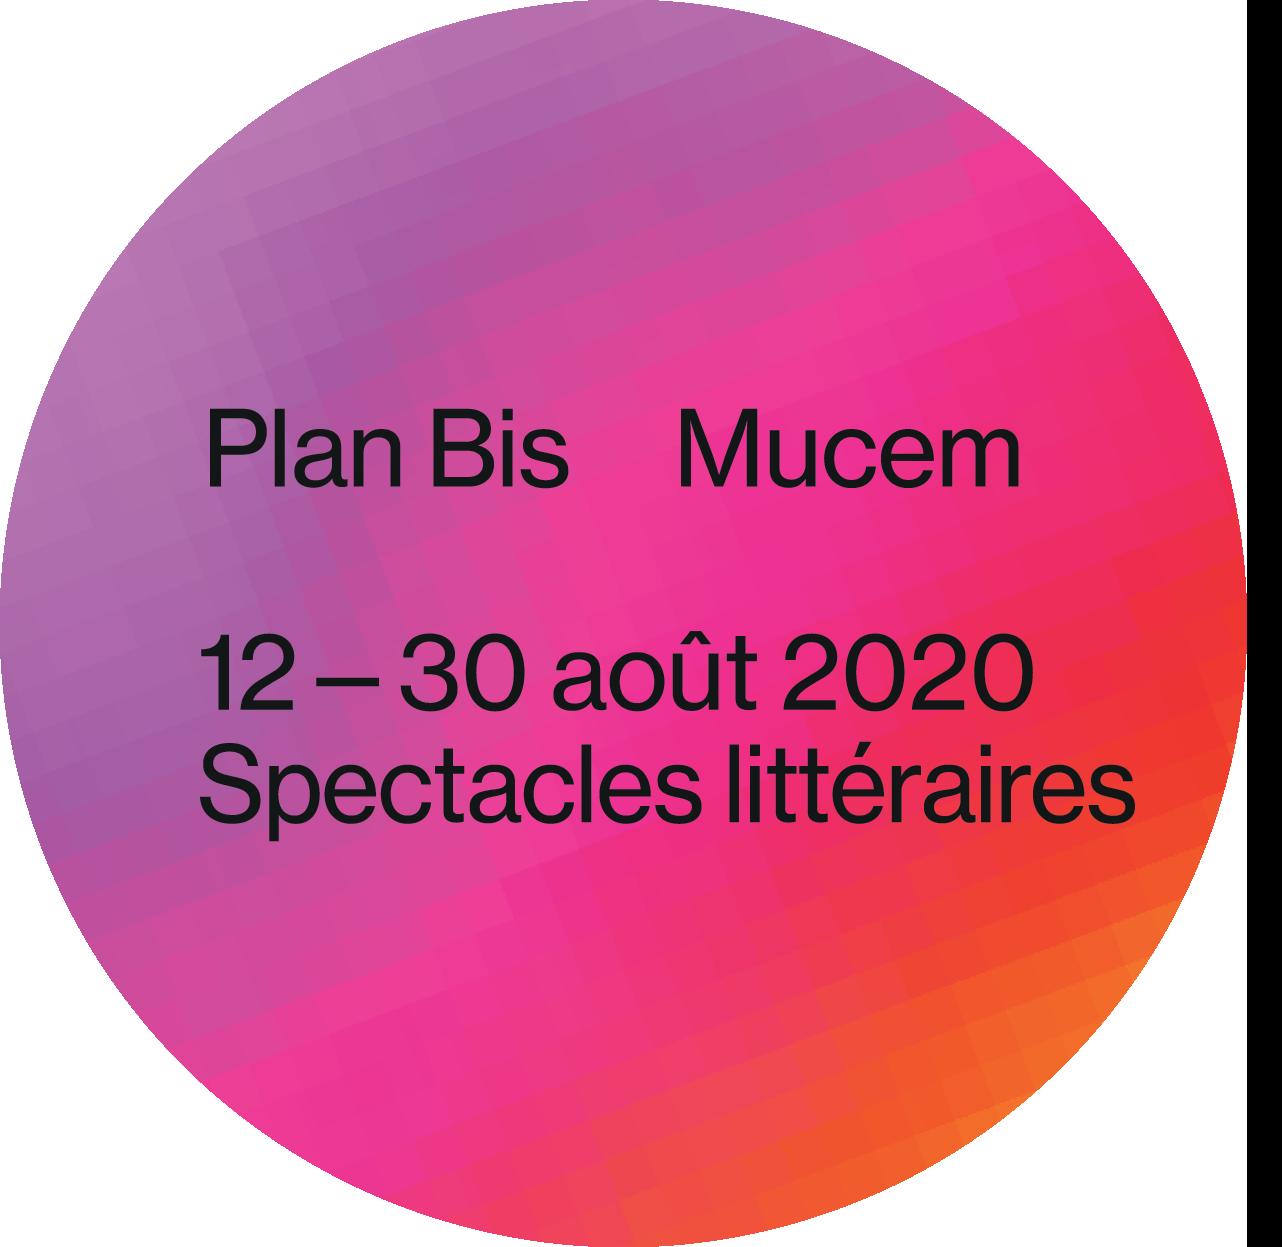 Plan Bis